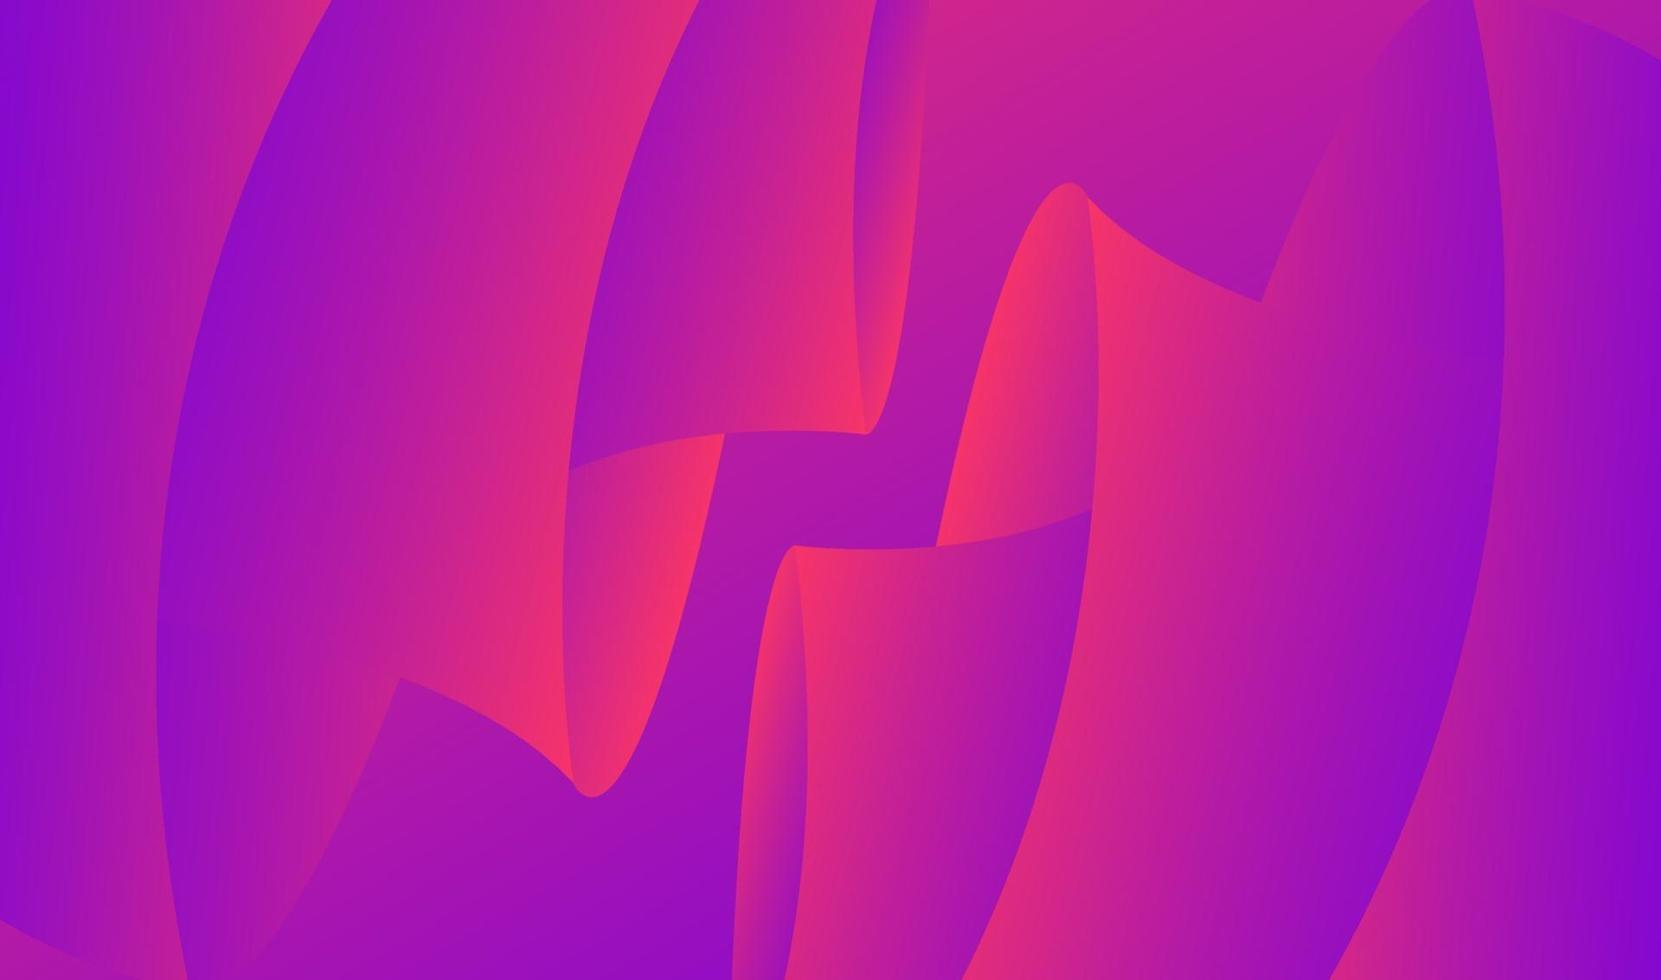 sfondo geometrico sfumato astratto moderno. adatto per carta da parati, banner, sfondo, carta, illustrazione di libri, pagina di destinazione, regalo, copertina, flyer, relazione, affari, social media, vettore